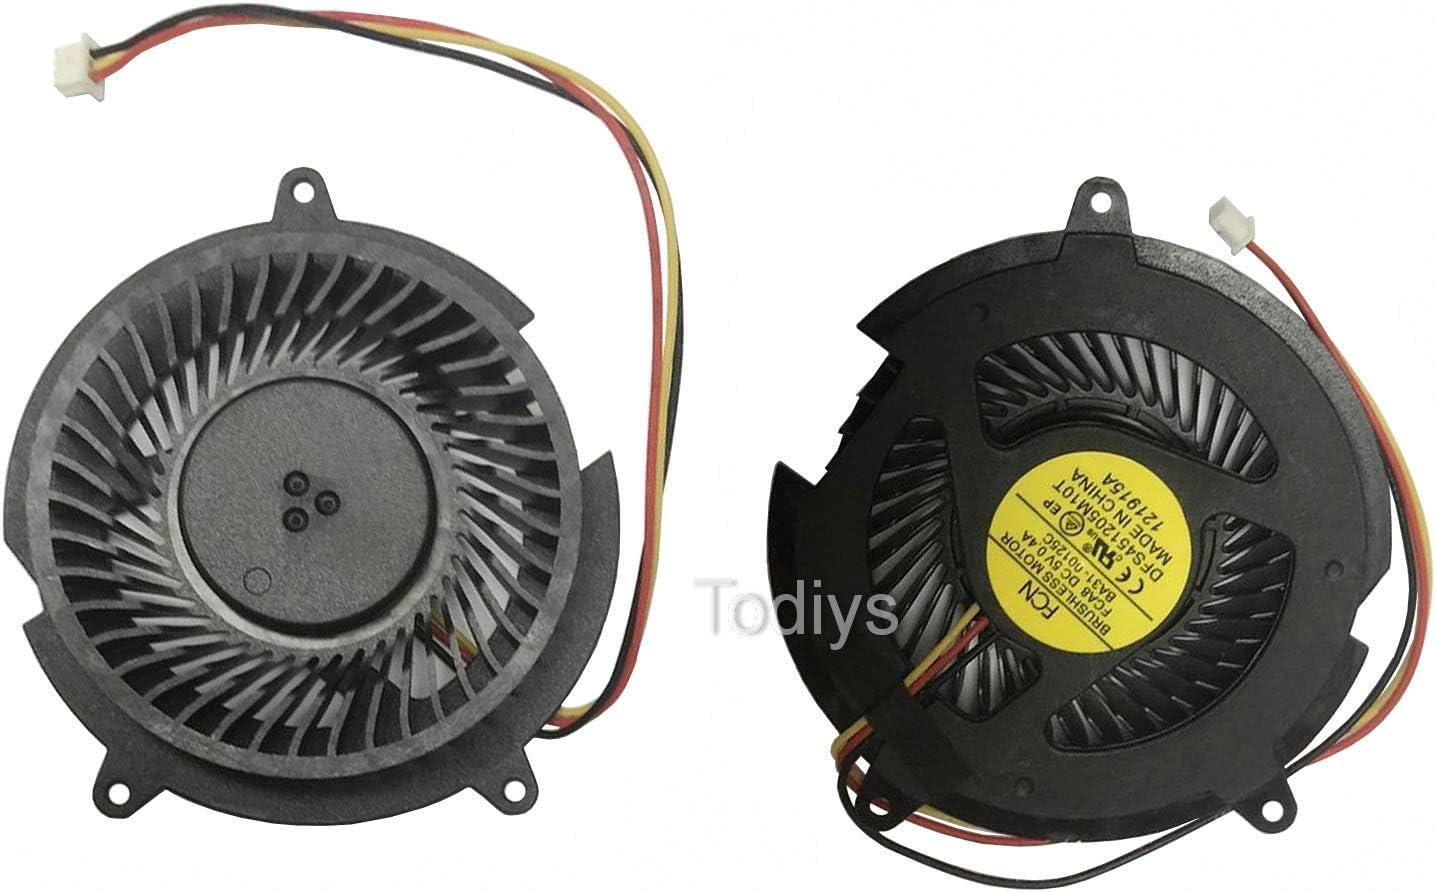 Todiys CPU Cooling Fan for HP DV5000 DV5100 DV5200 DV8000 DV8200 DV8300 DV8400 Compaq C300 C500 V5000 V5100 V5200 Series C506CA DV5017CL DV5163CL DV5224NR DV8040CA DV8213CL V5208CA DFB601005M20T